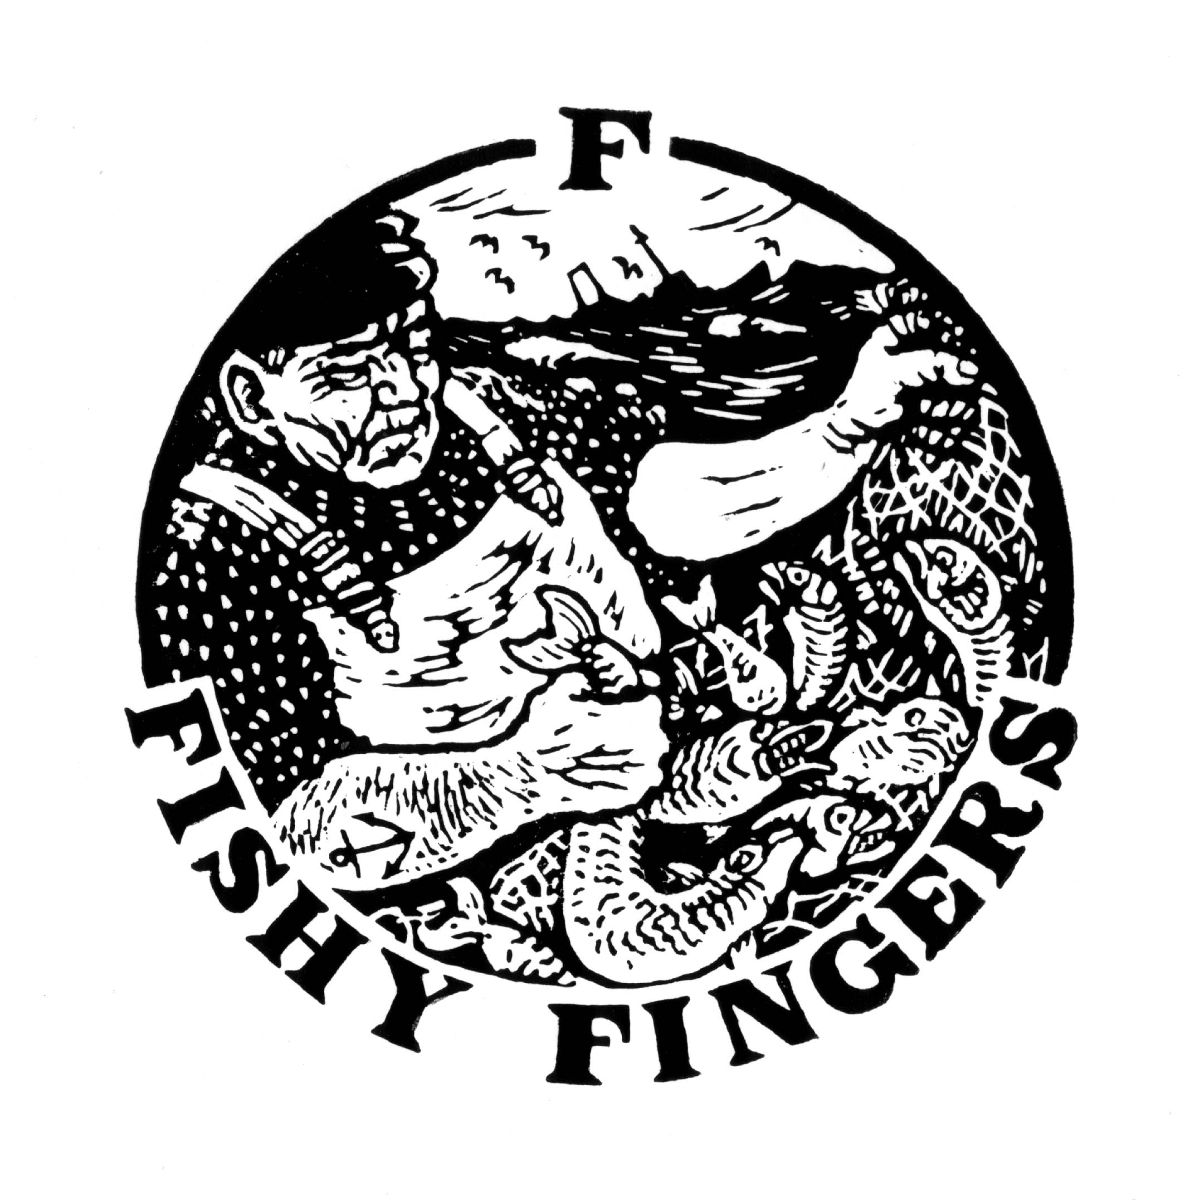 Fishy fingers